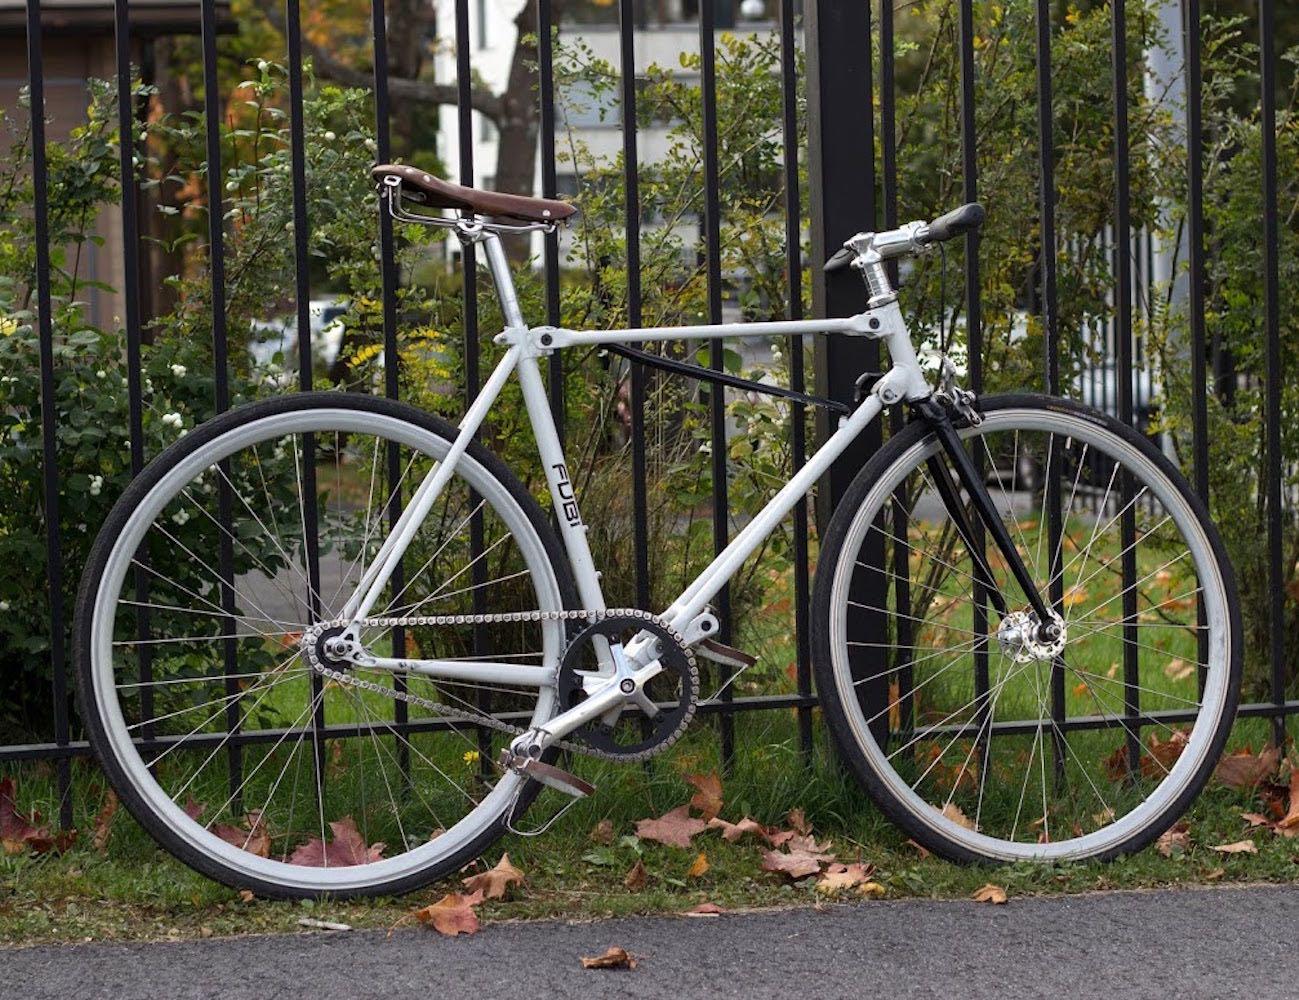 FUBi Fixie – Transform Your Bike Into A Folding Bike